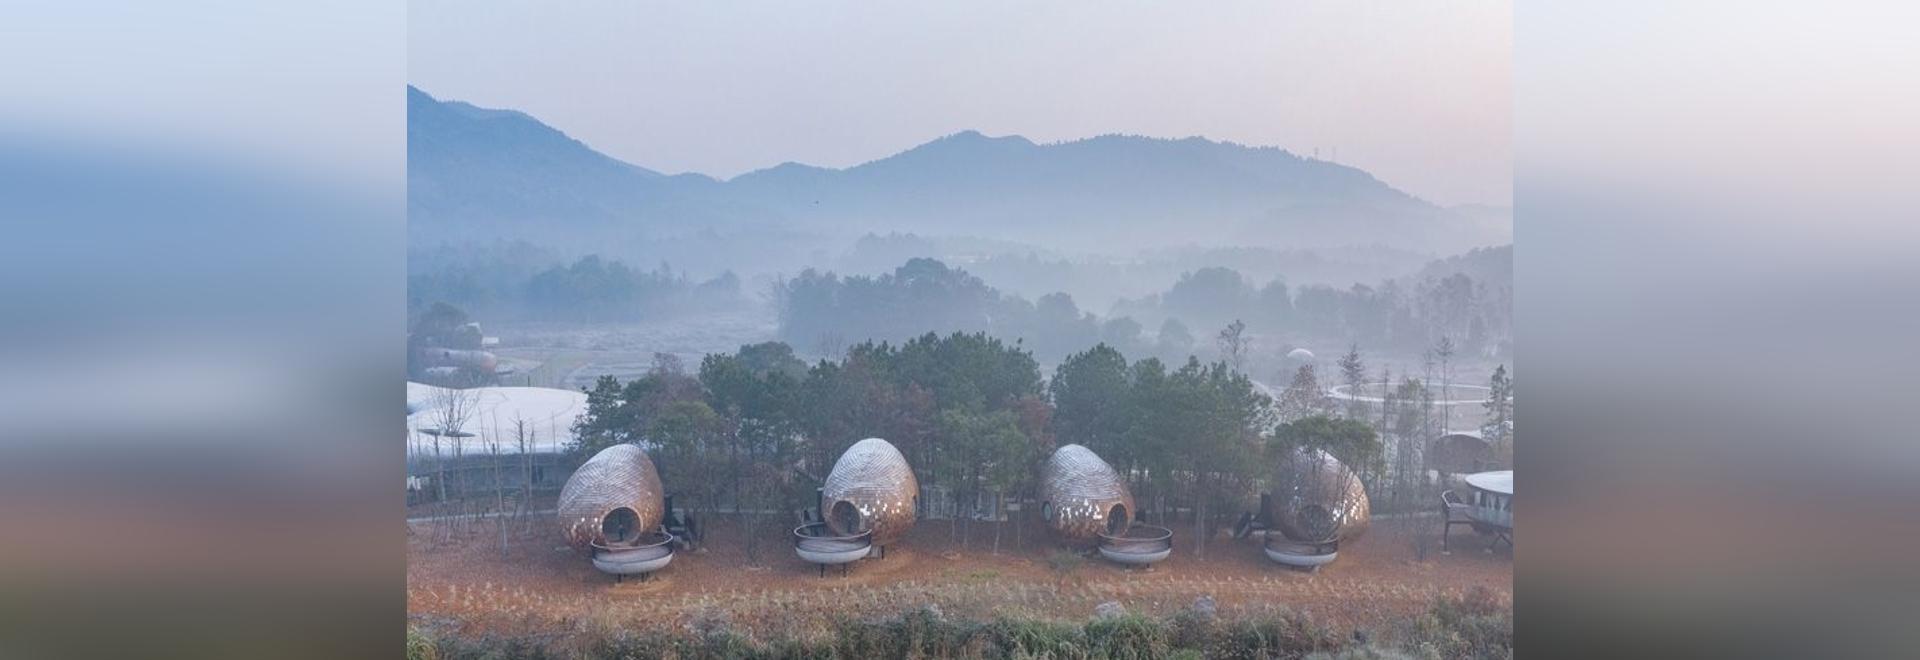 ZJJZ verkleidet ellipsenförmige Gästehäuser in verspiegeltem Aluminium + Kiefernschindeln im ländlichen China